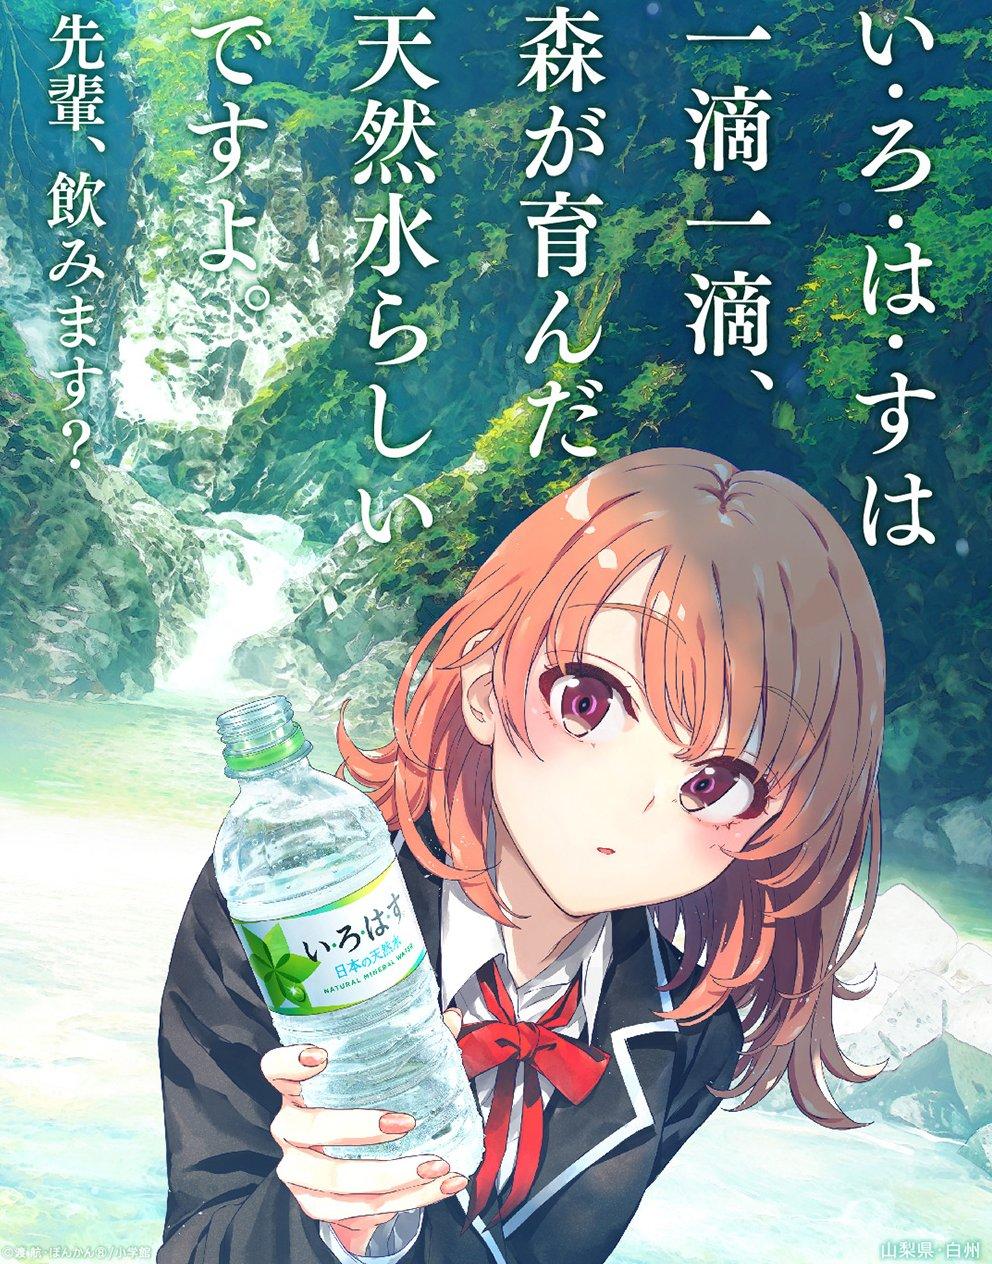 Yahari Ore no Seishun Love Comedy wa Machigatteiru (My Teen Romantic Comedy SNAFU o también Oregairu)